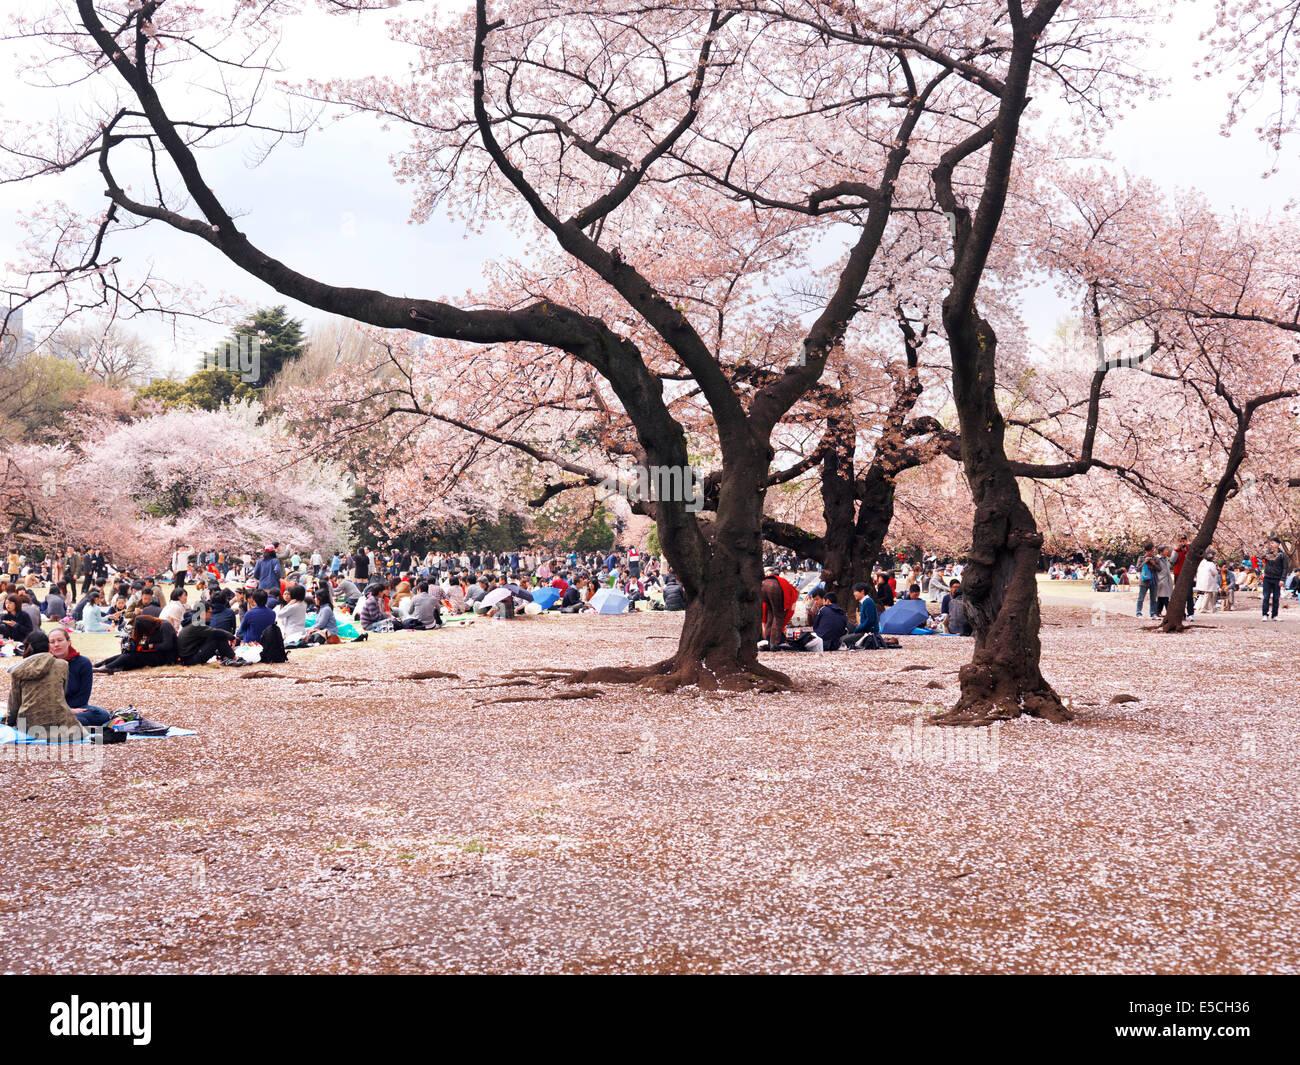 Menschen ruht in Gy?en Nationalgarten während der Kirschblüte. Shinjuku, Tokio, Japan. Stockbild